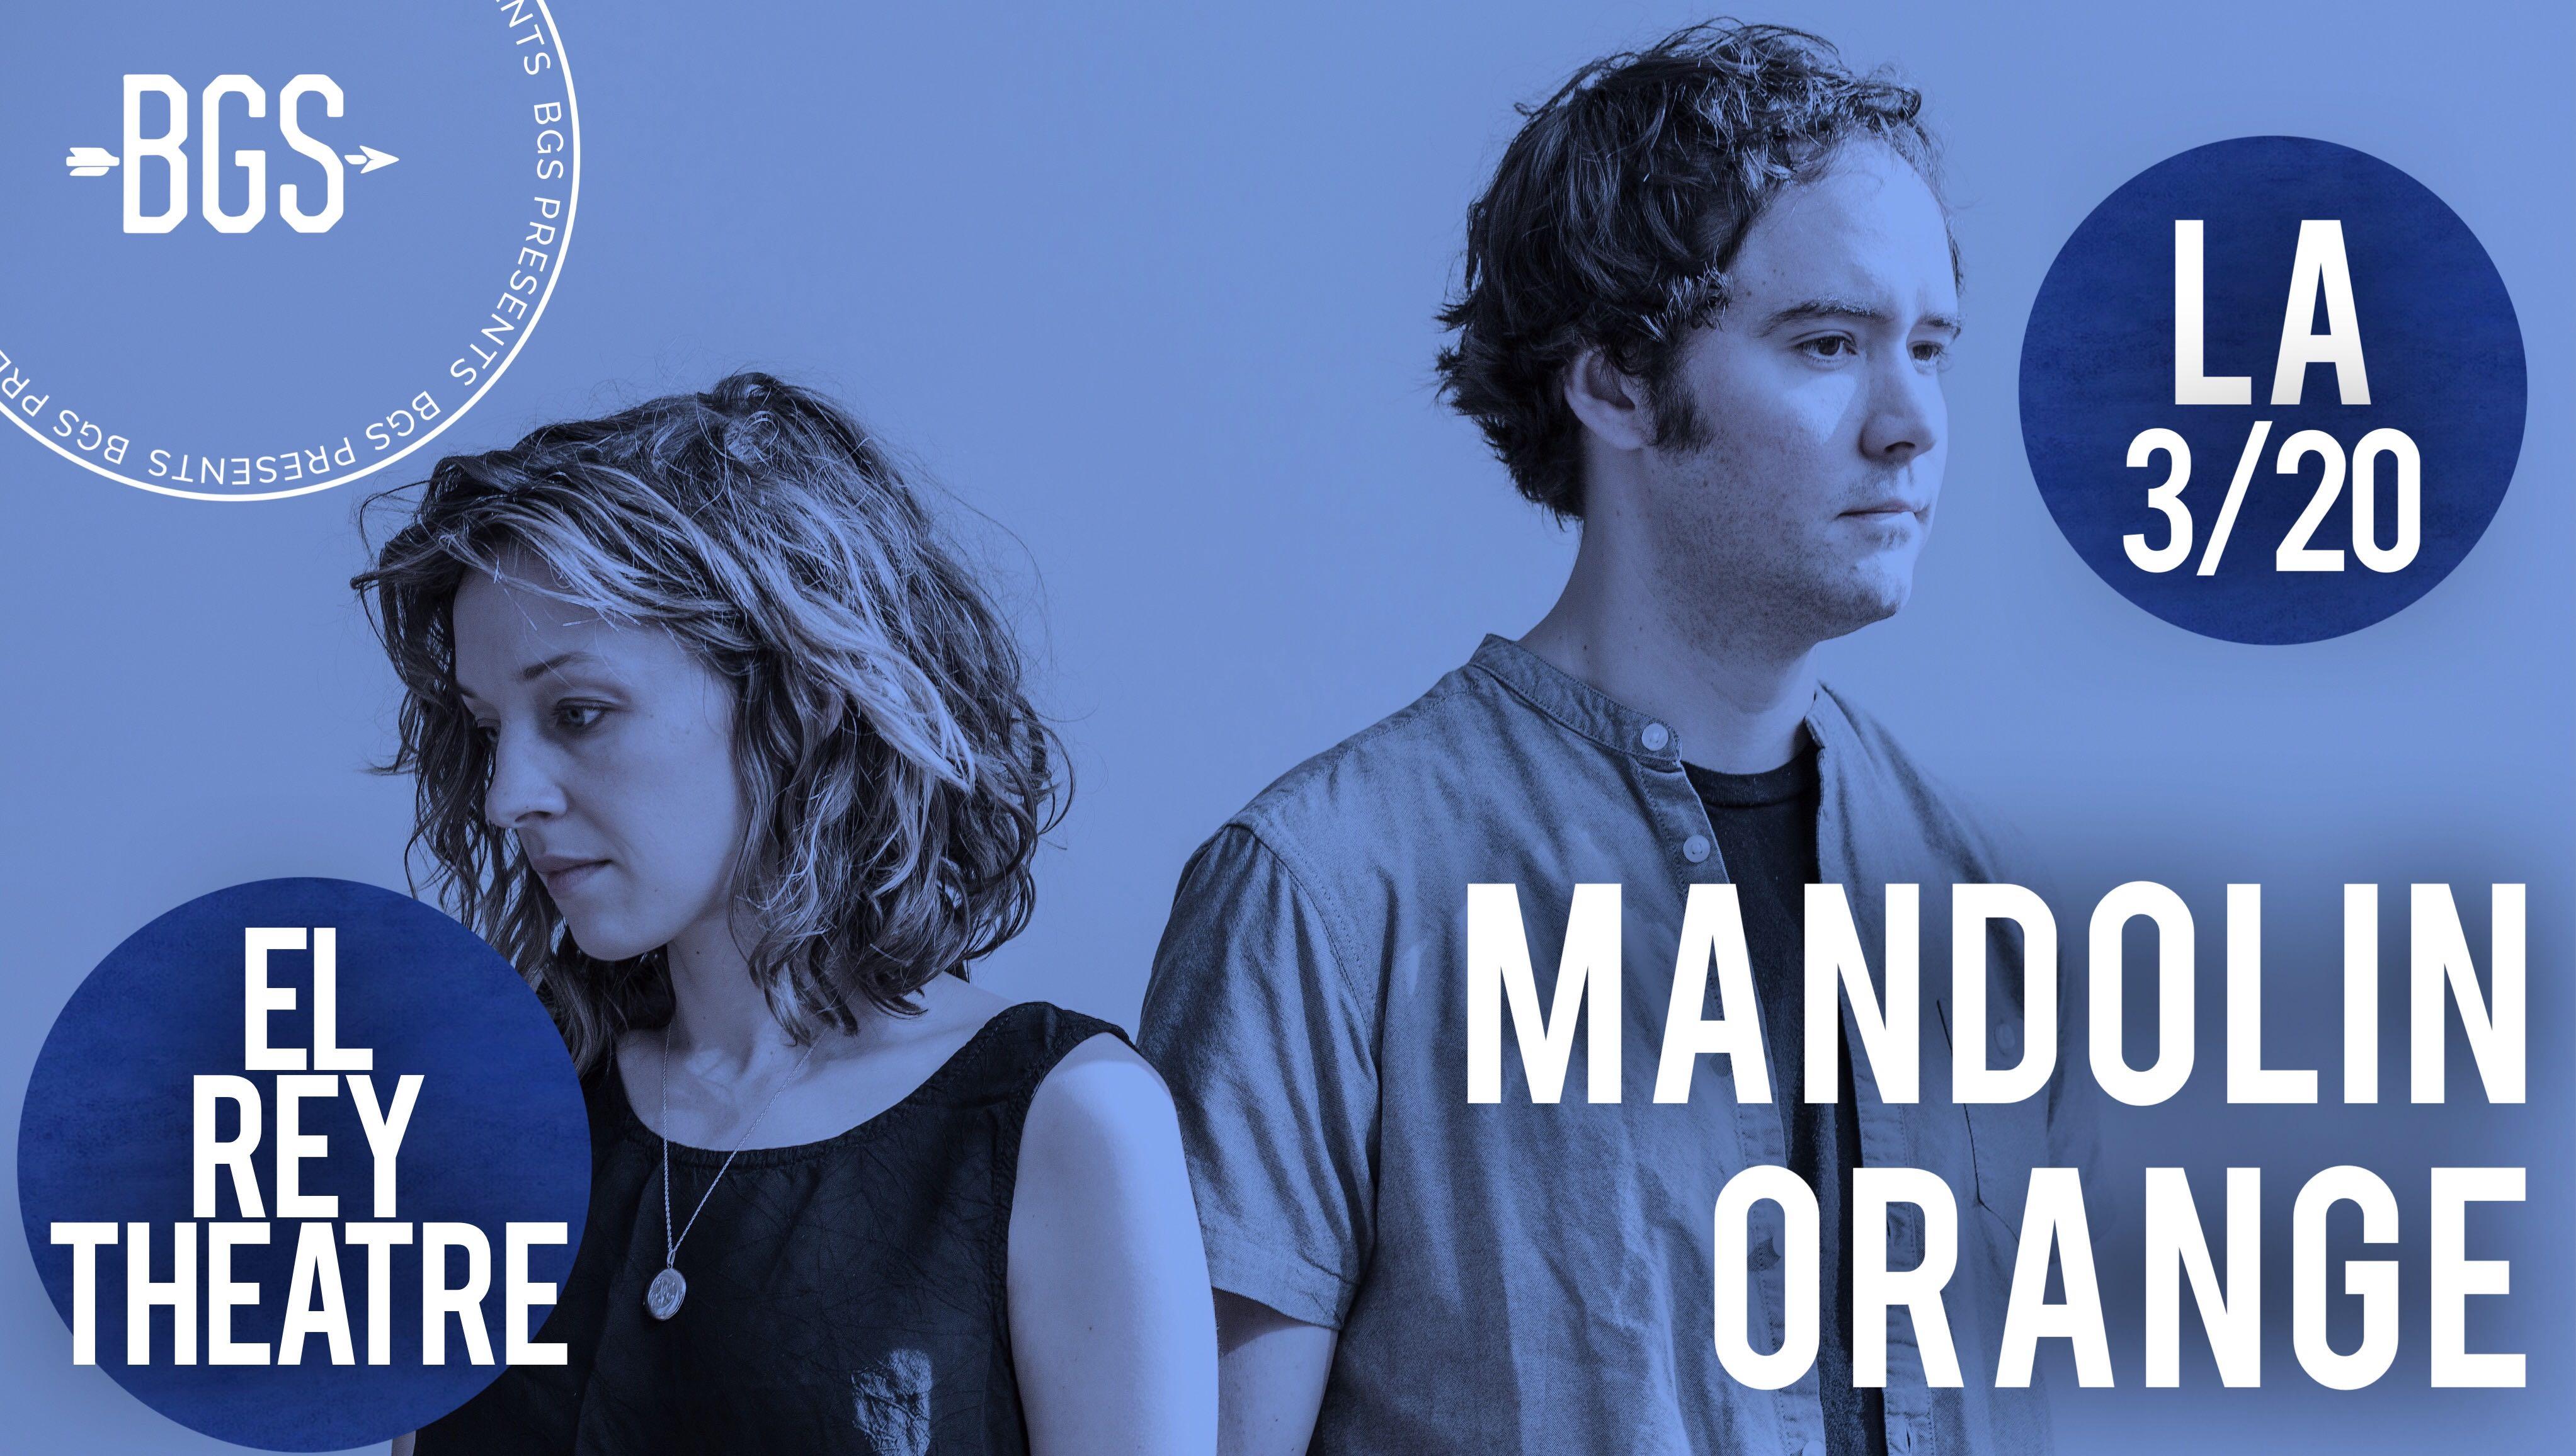 GIVEAWAY: Win tickets to Mandolin Orange at the El Rey Theatre (LA) 3/20